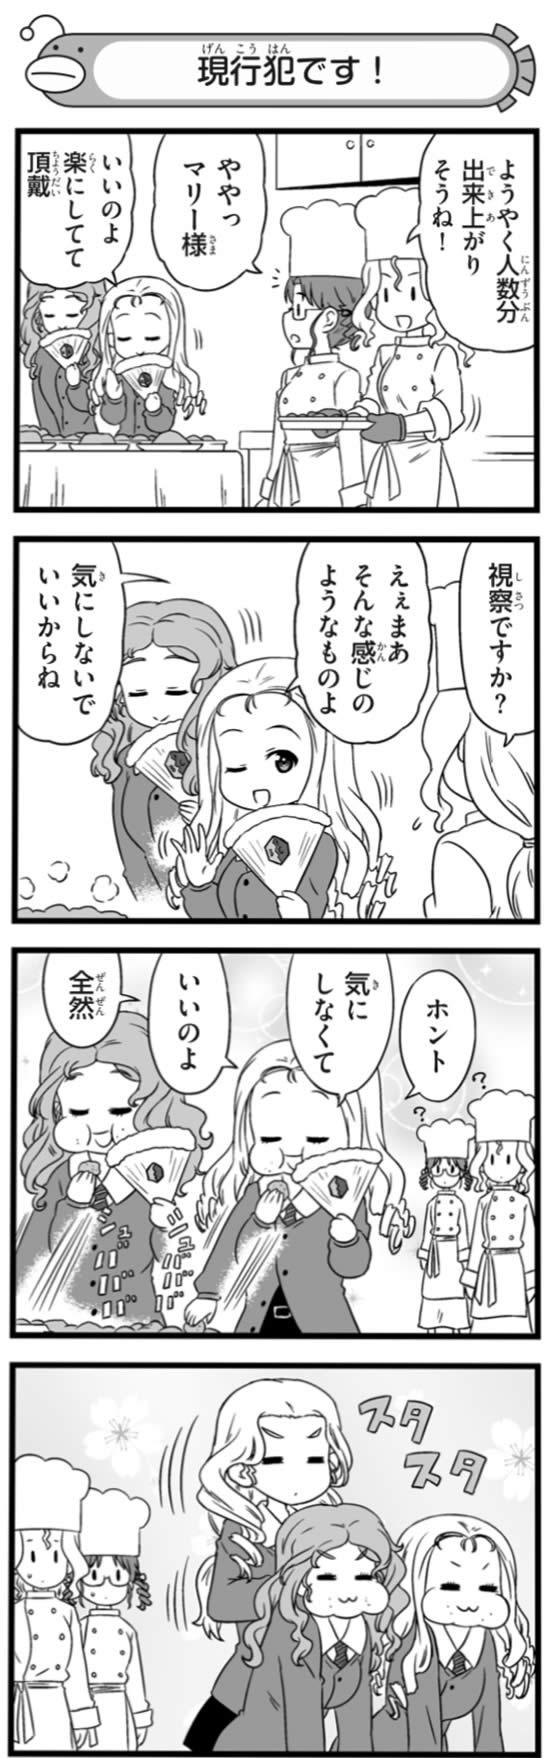 ガールズ&パンツァー マリー 砂部 祖父江 お菓子 つまみ食い 漫画